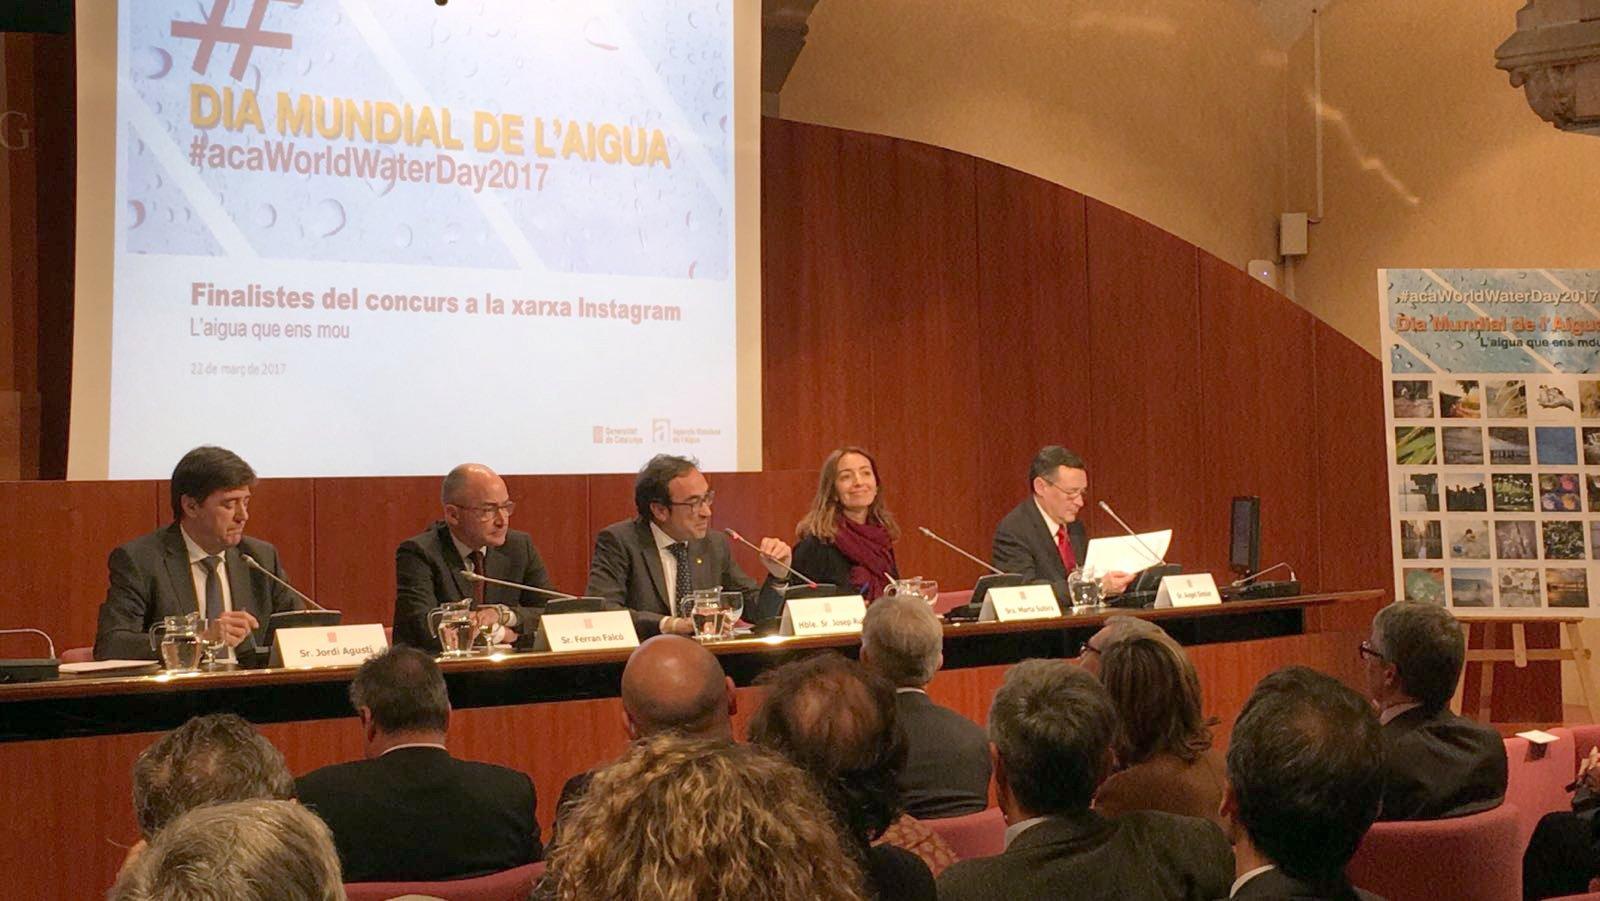 El conseller Rull presidint l'acte del Dia Mundial de l'Aigua